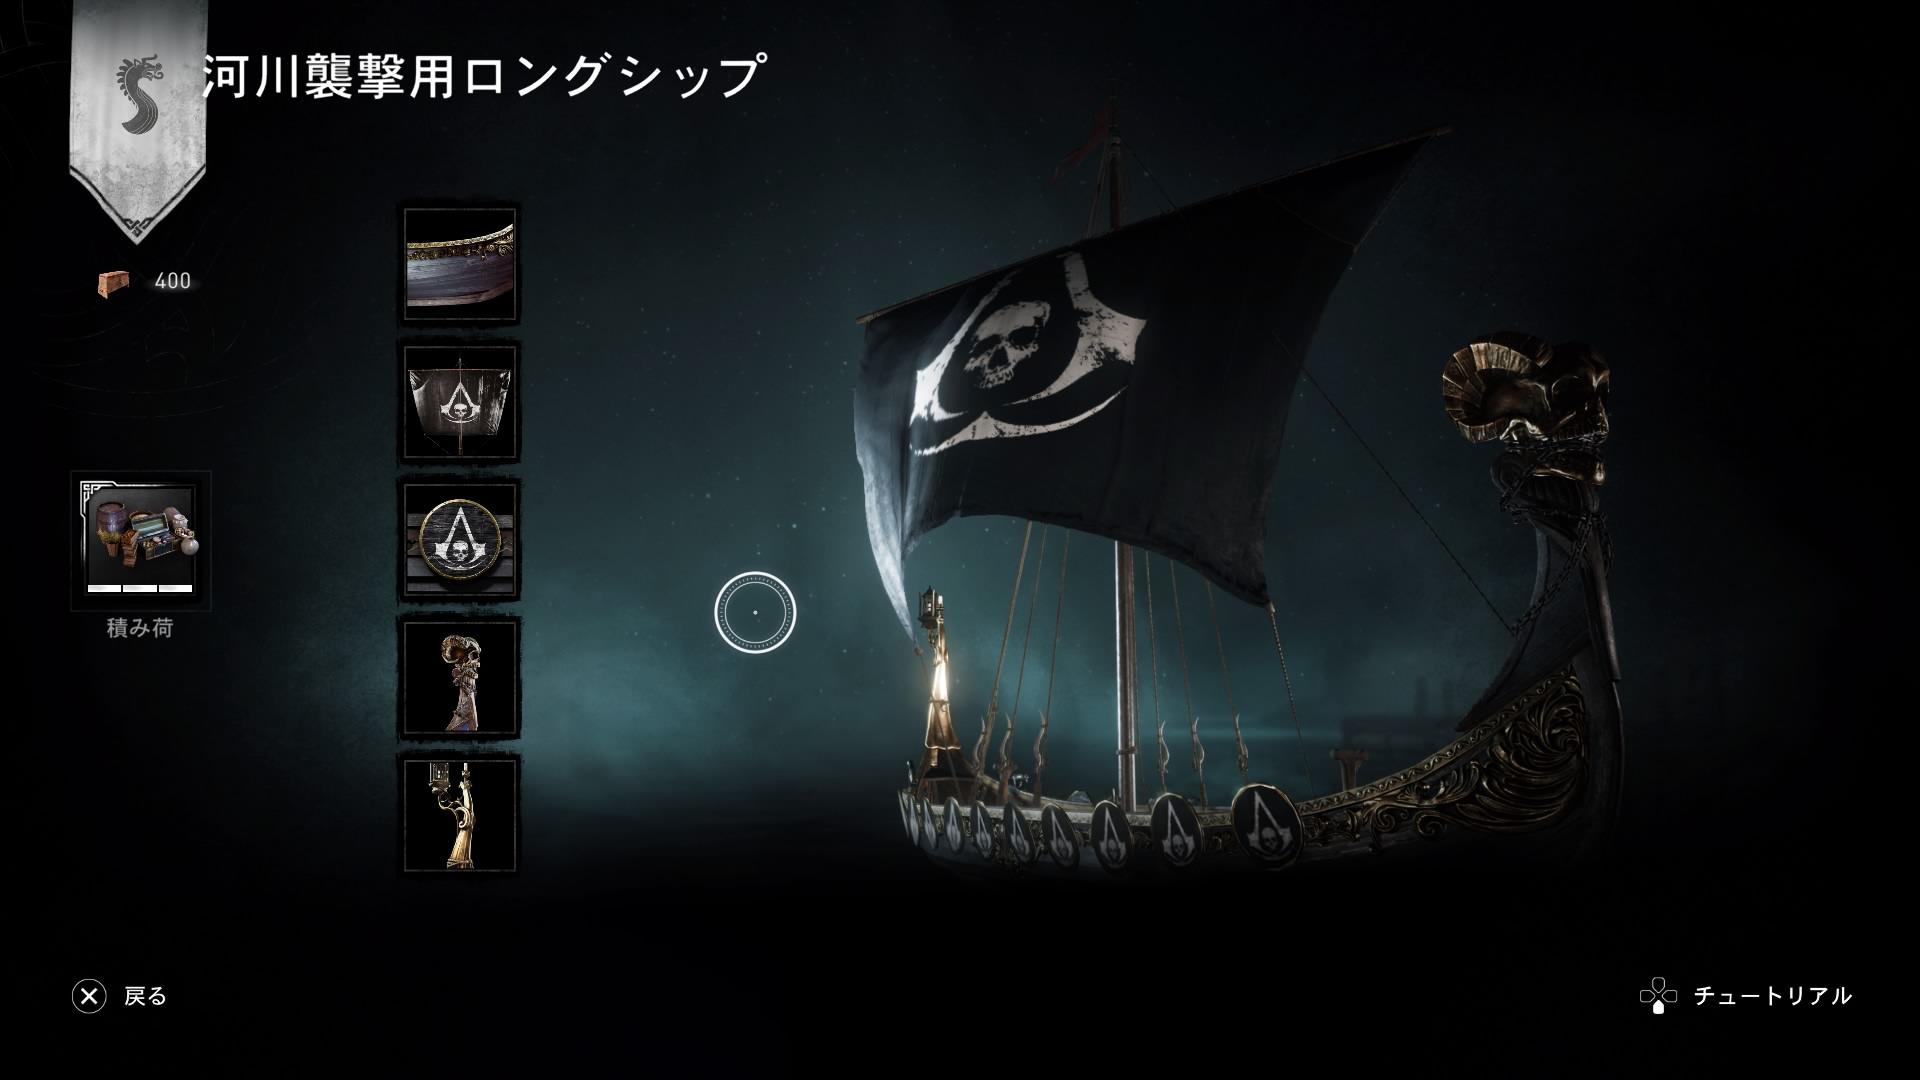 4 攻略 アサクリ 伝説の船 アサシンクリード4